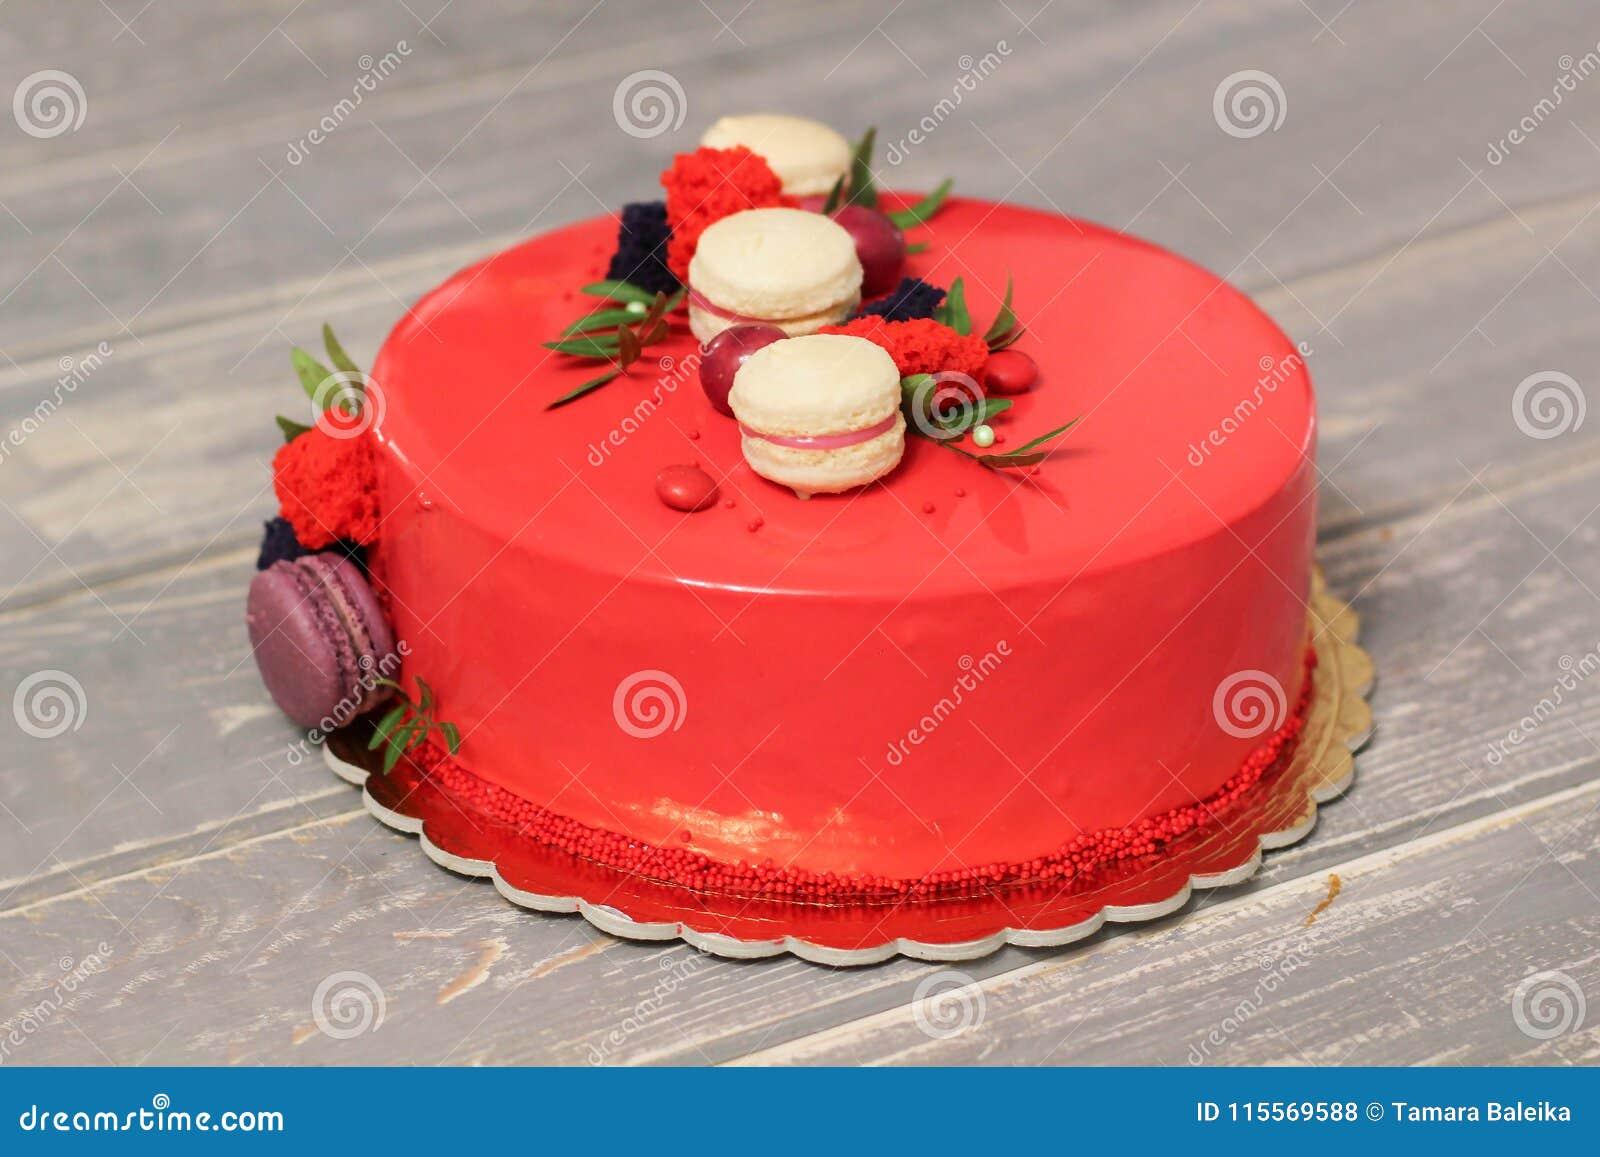 Geschmackvoller Roter Selbst Gemachter Kuchen Verziert Durch Rote